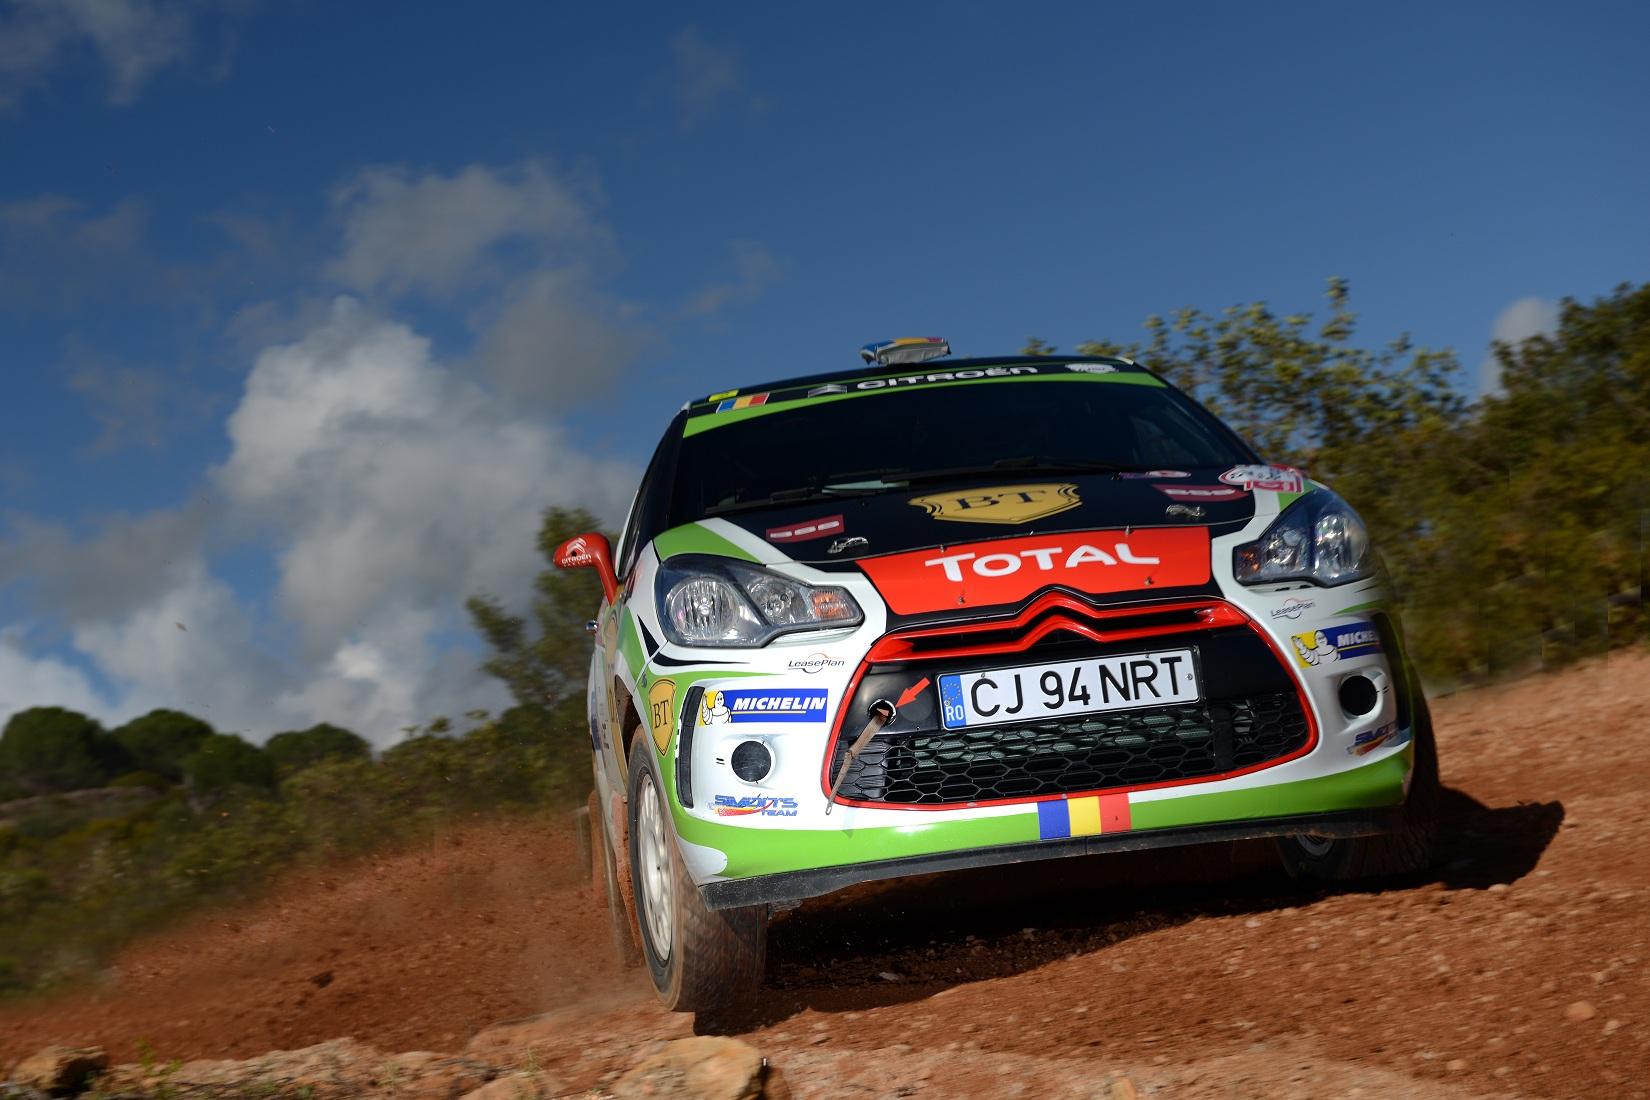 WRC: Simone Tempestini e pregatit sa infrunte juniorii din Raliul Poloniei